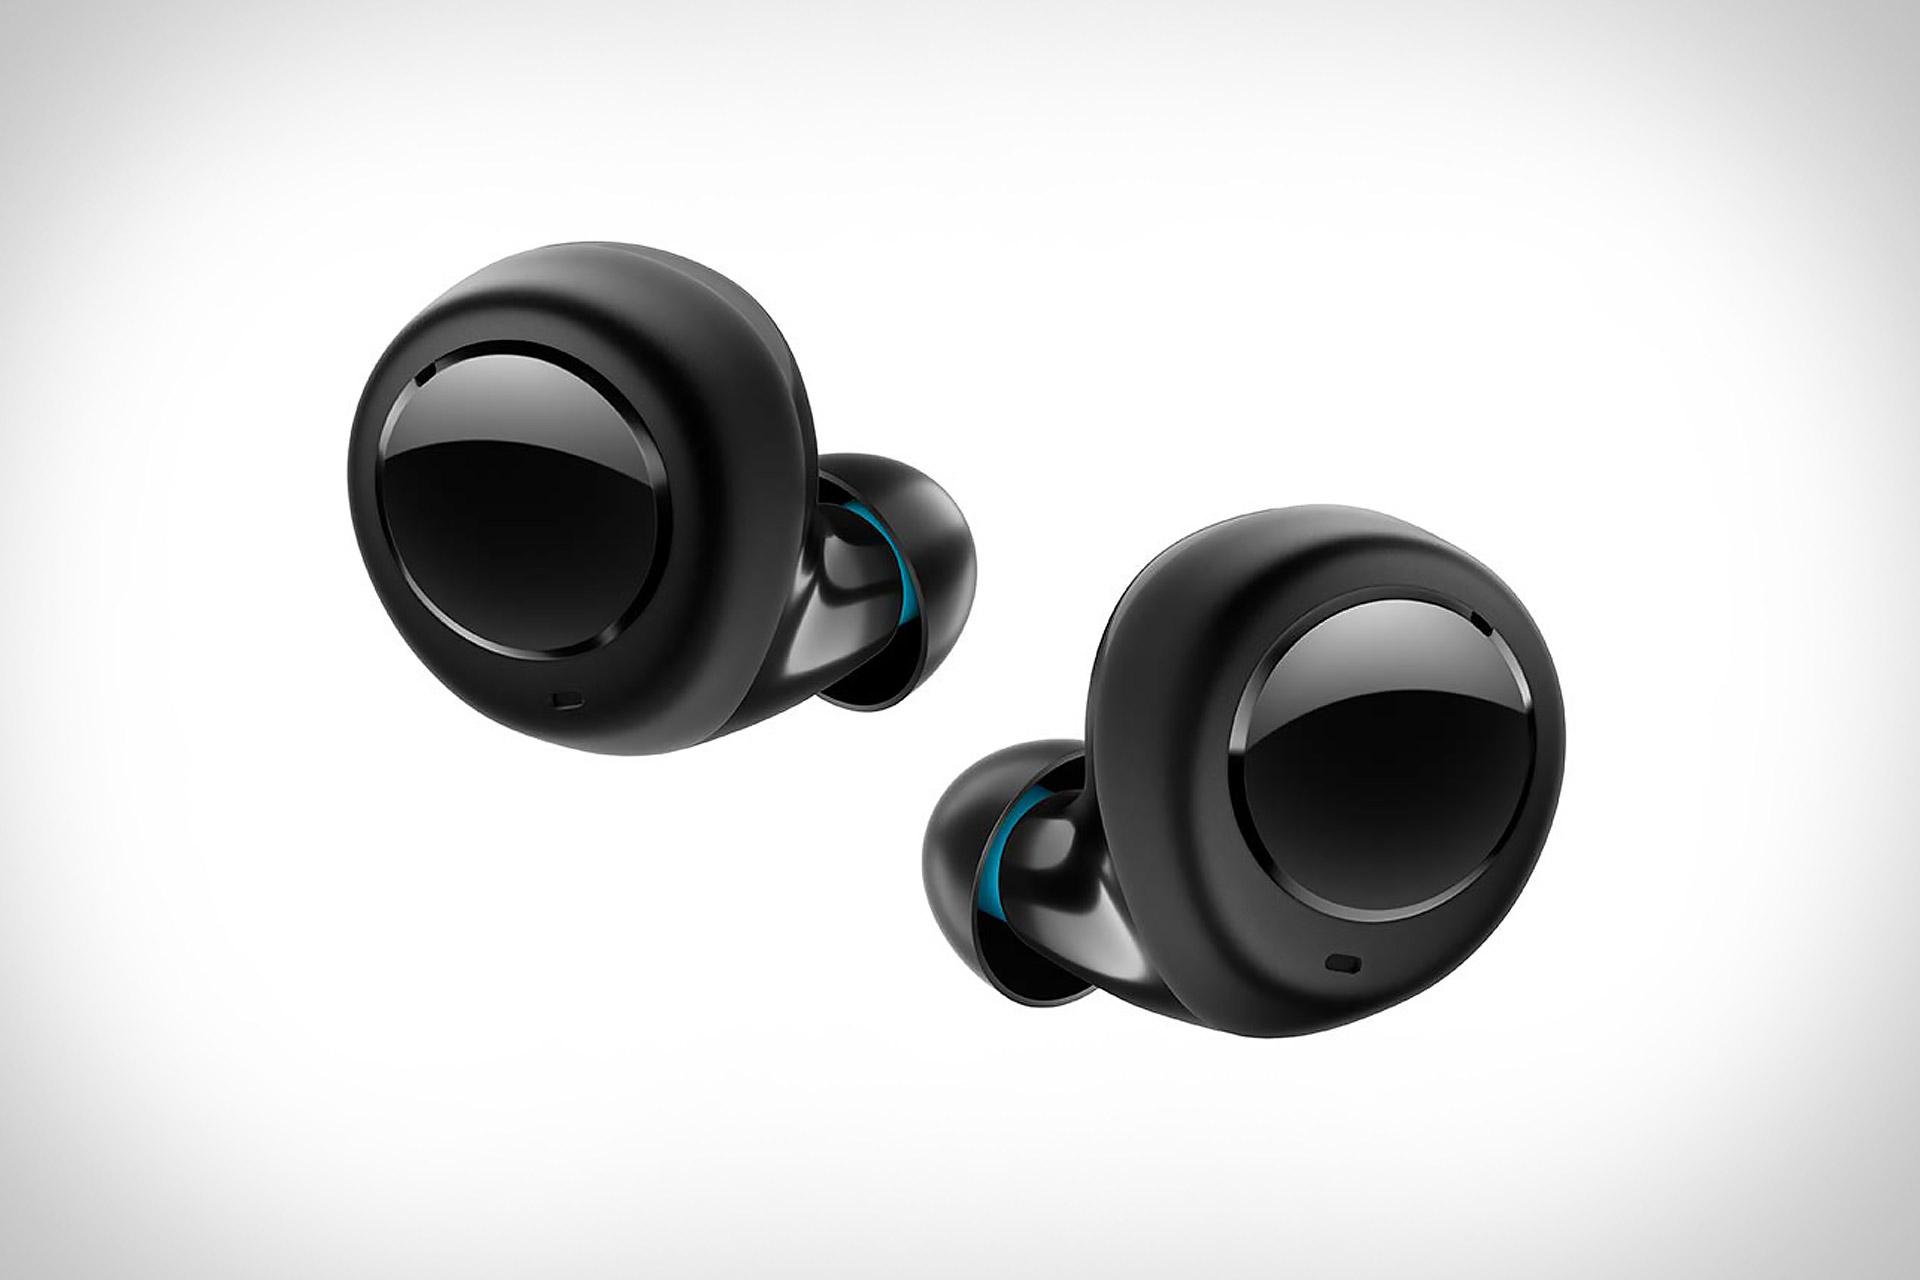 Amazon Echo Buds Earphones